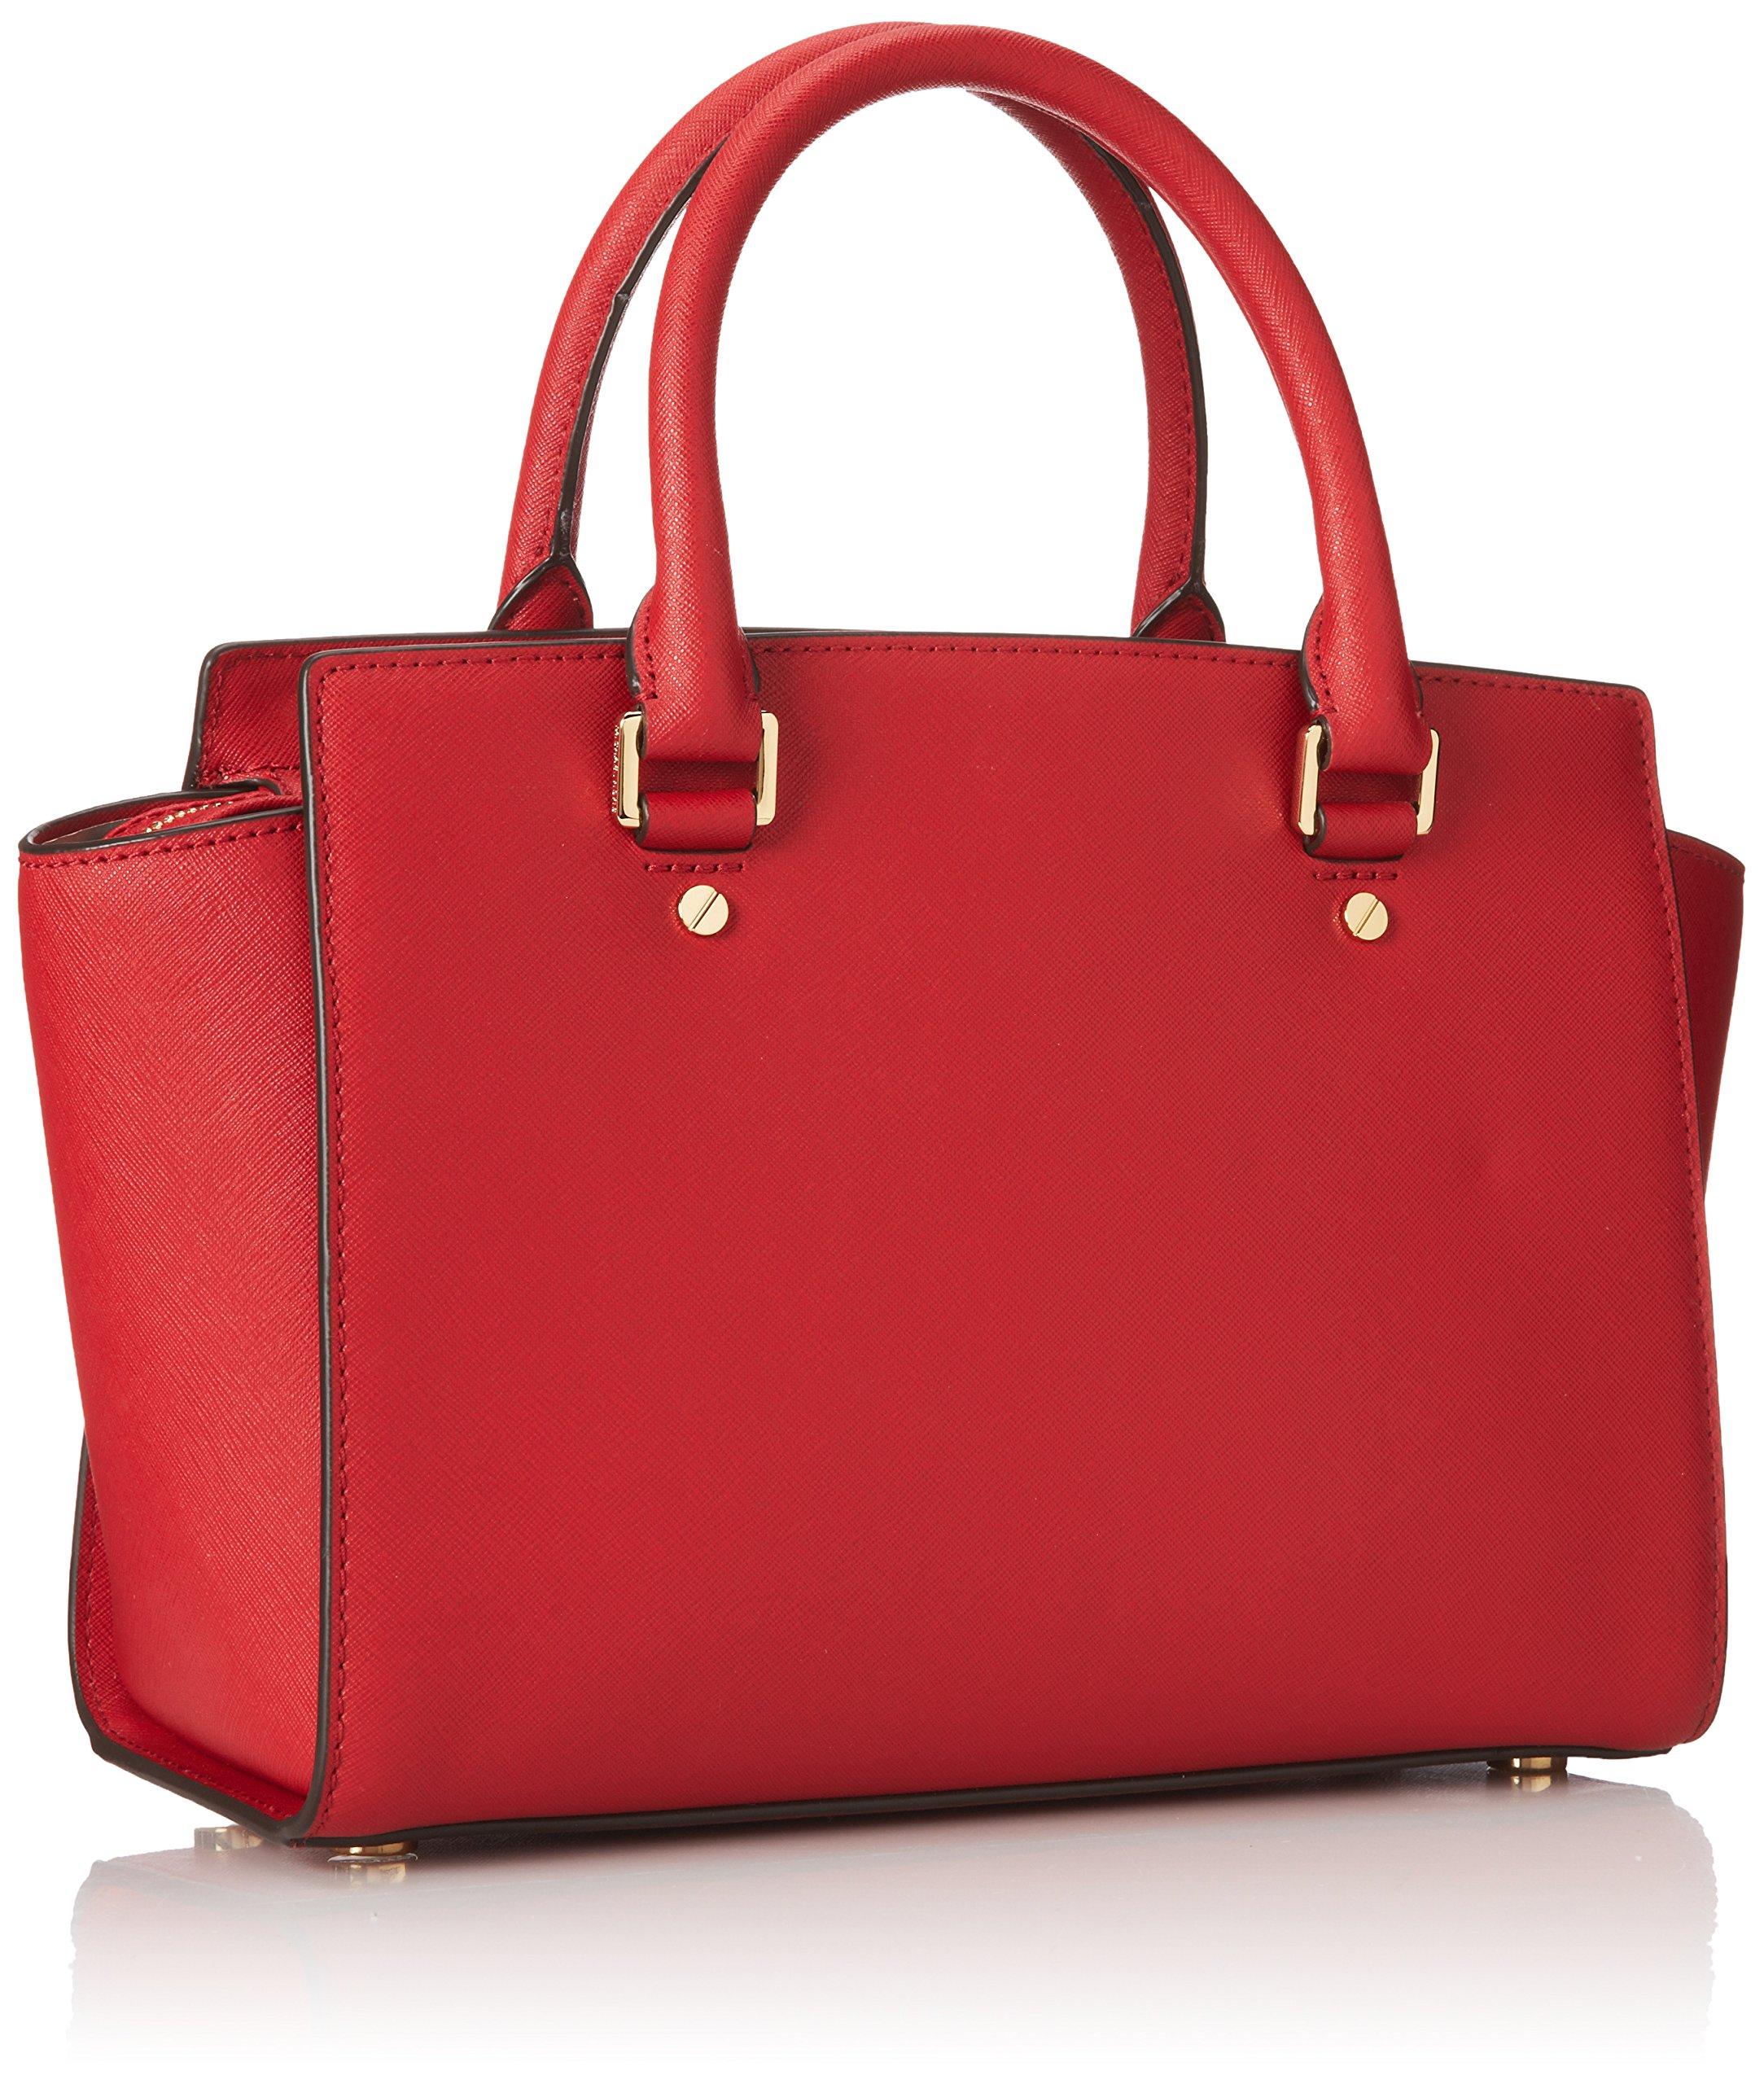 335ff6b7f2 Michael Kors, Borsa a secchiello donna Rosso rosso trova prezzo offerta